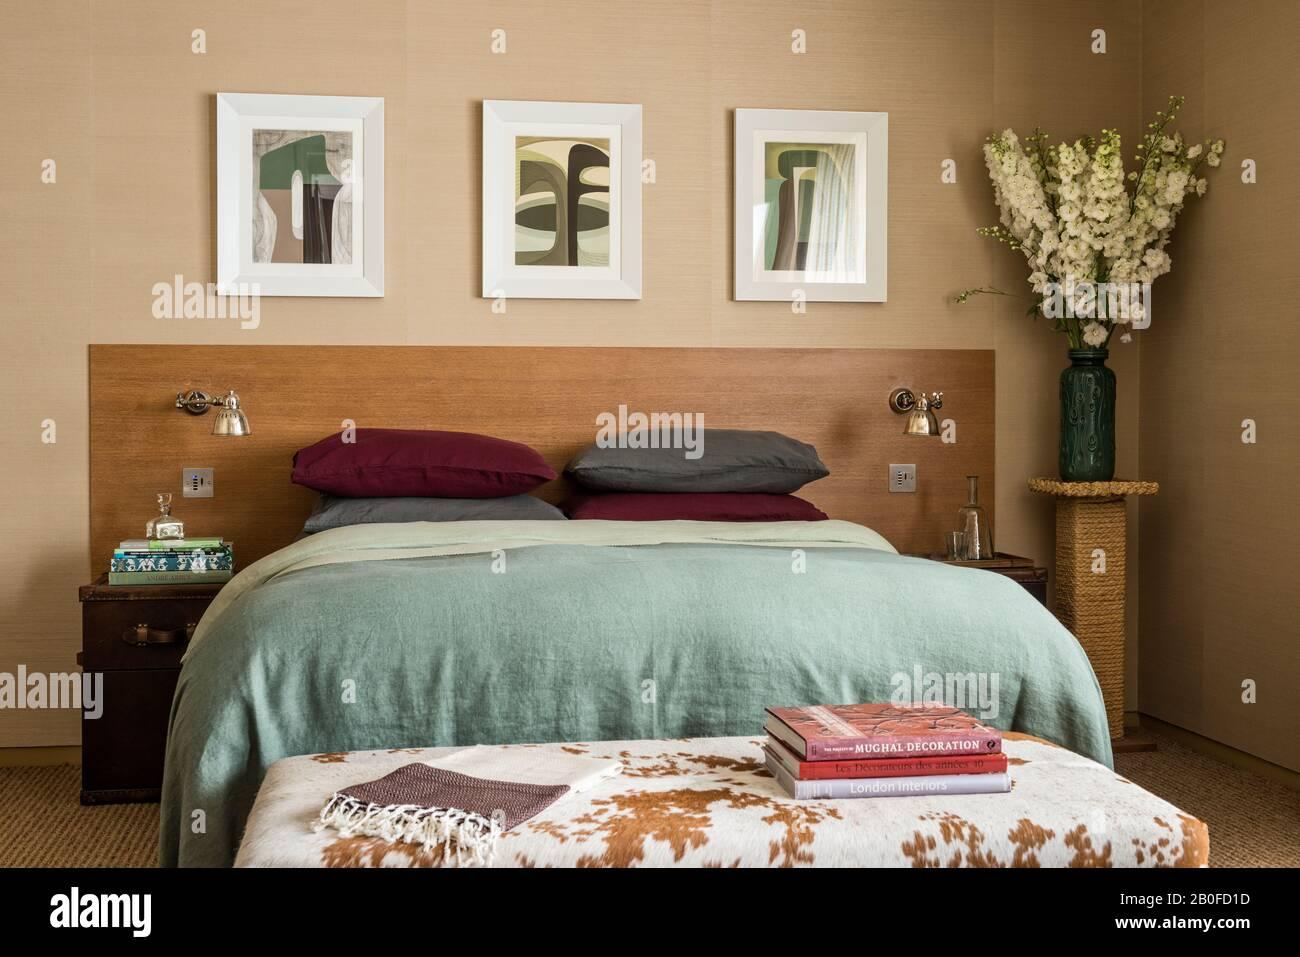 L'art moderne au-dessus d'un lit dopuble avec une couverture vert clair et des livres sur un tabouret de cowhide. Banque D'Images